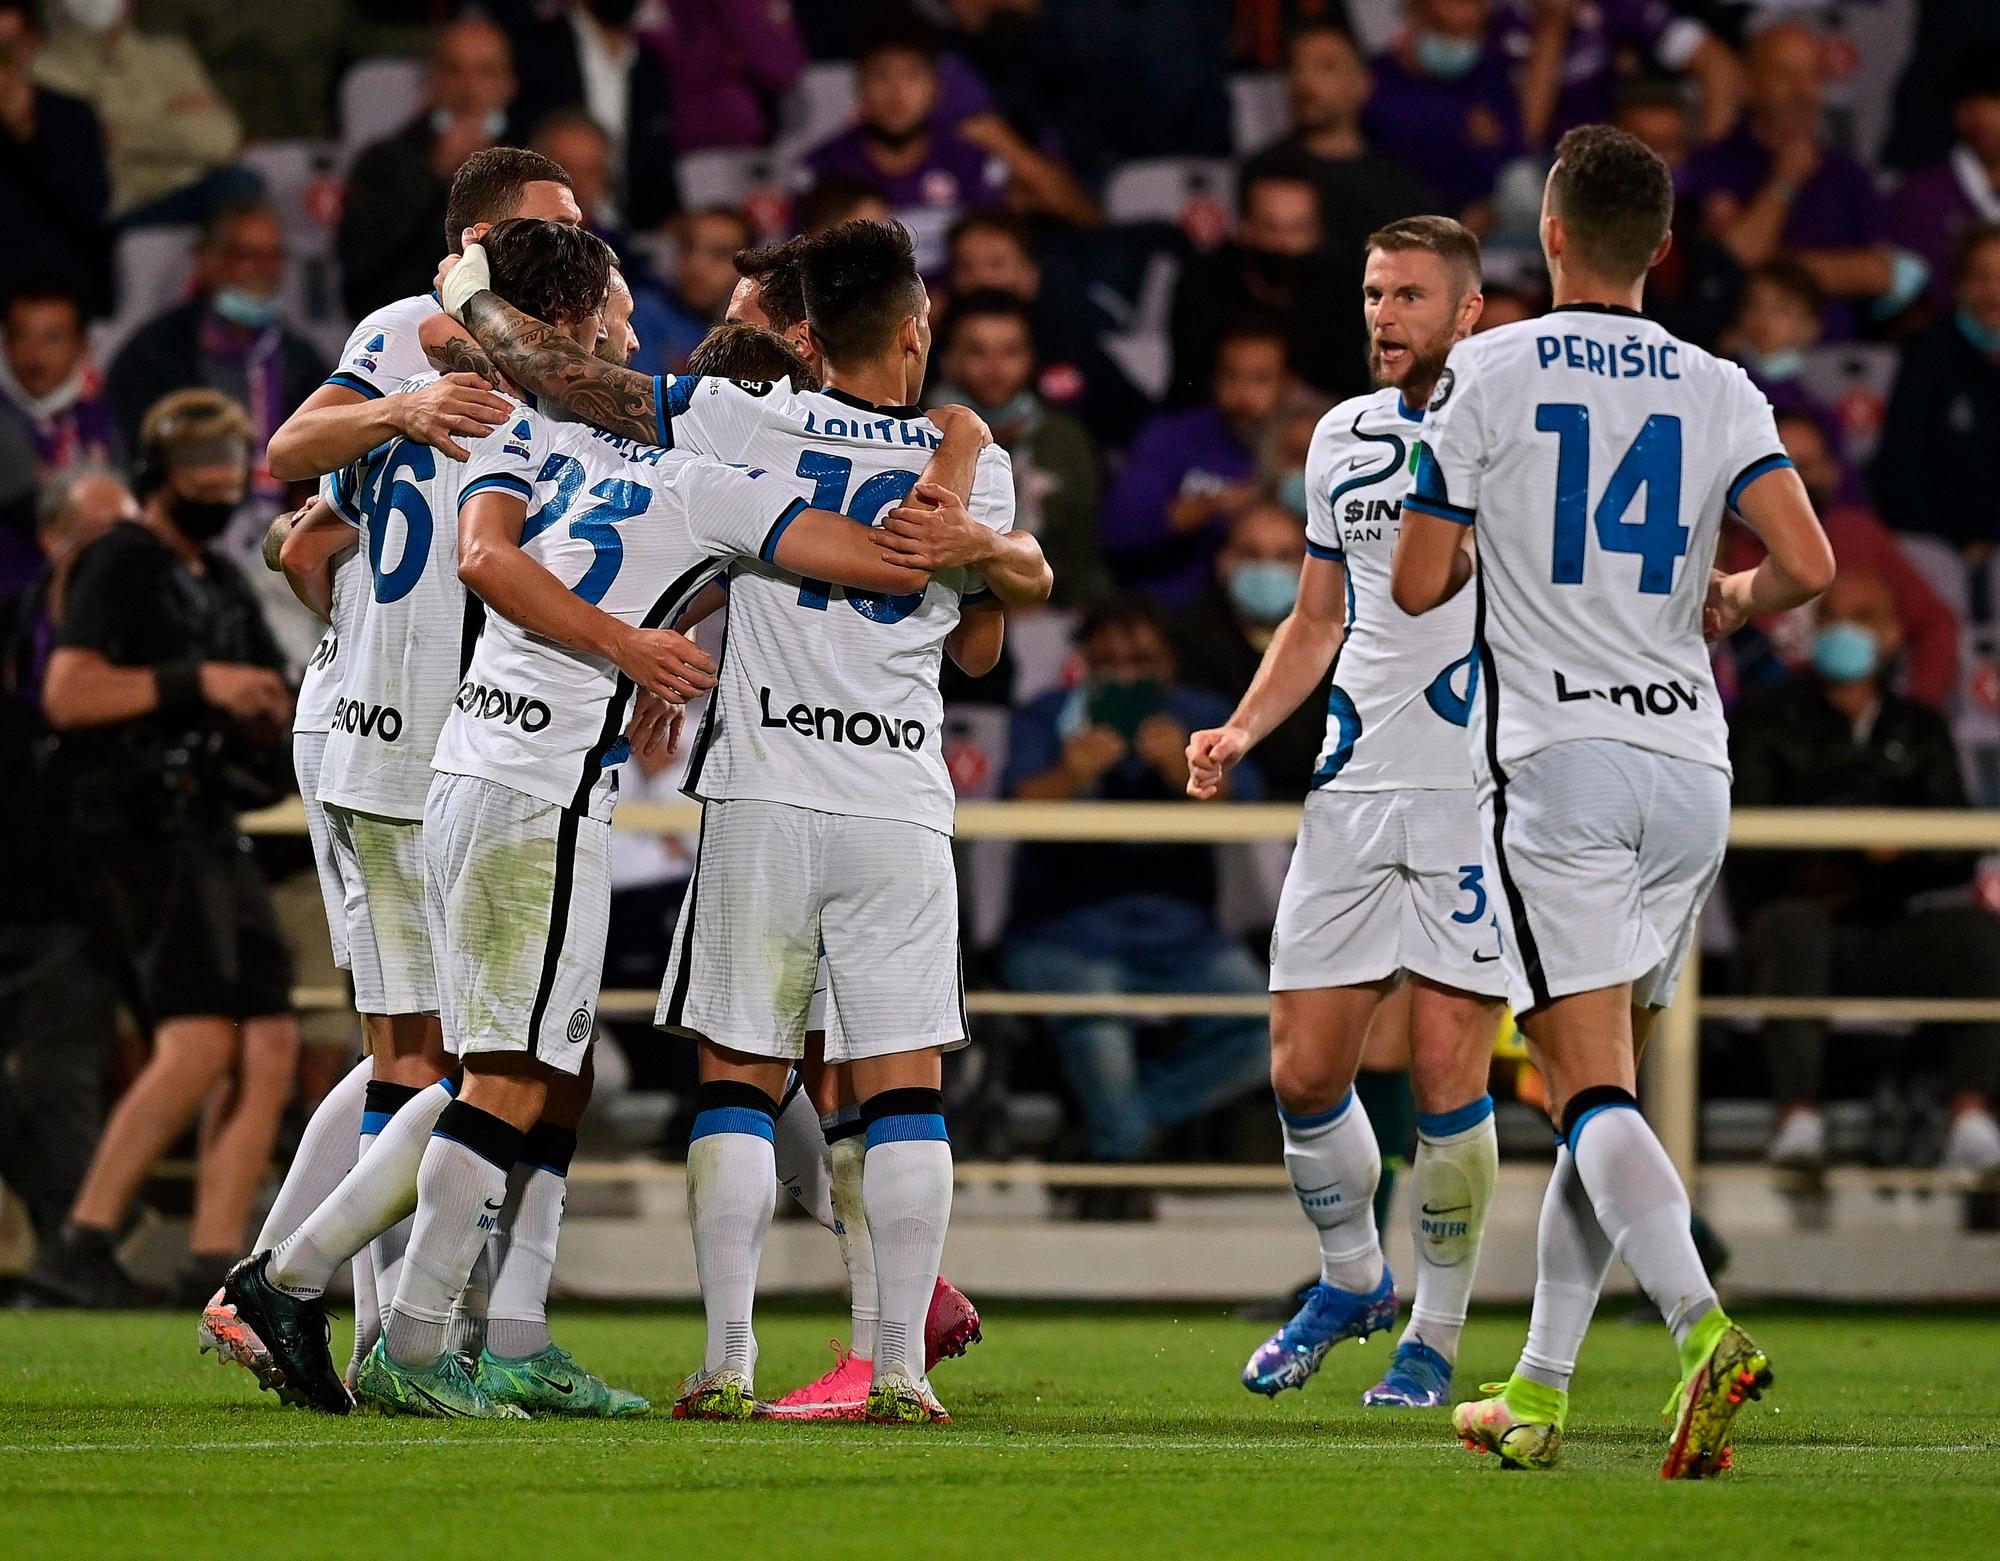 L'Inter vola in vetta: rimonta show con la Fiorentina!